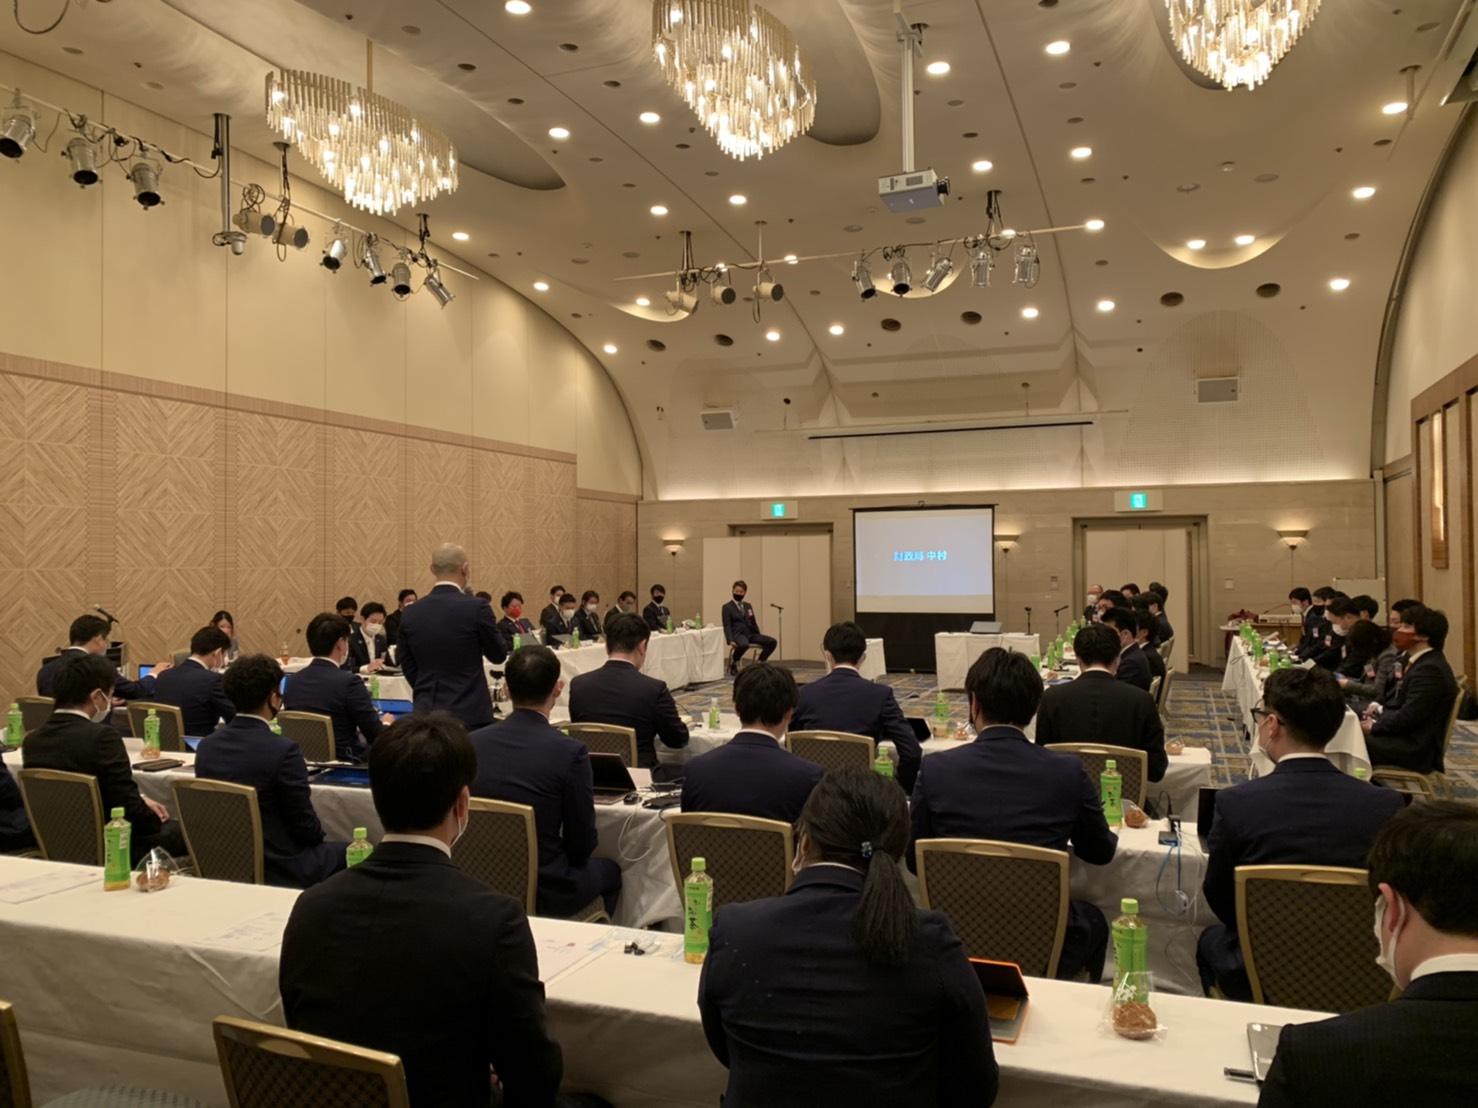 第2回会員会議所会議が長岡で開催されました